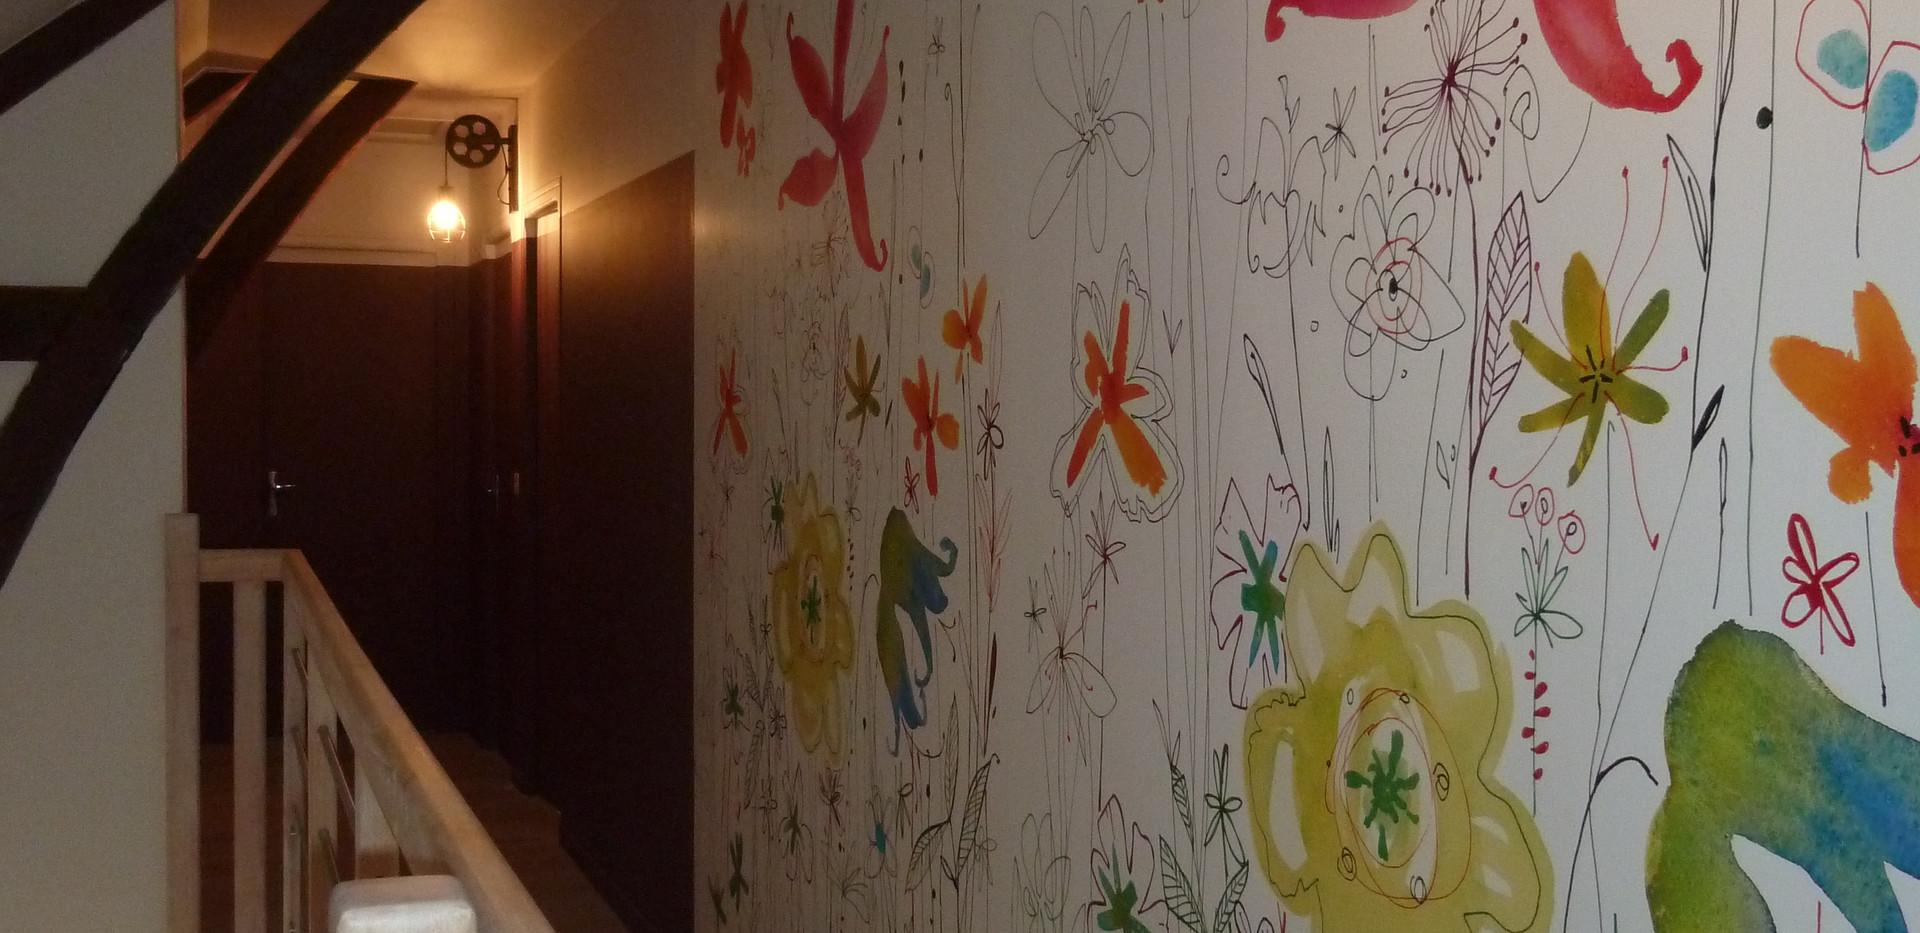 Peinture murale décorative Adelles.jpg